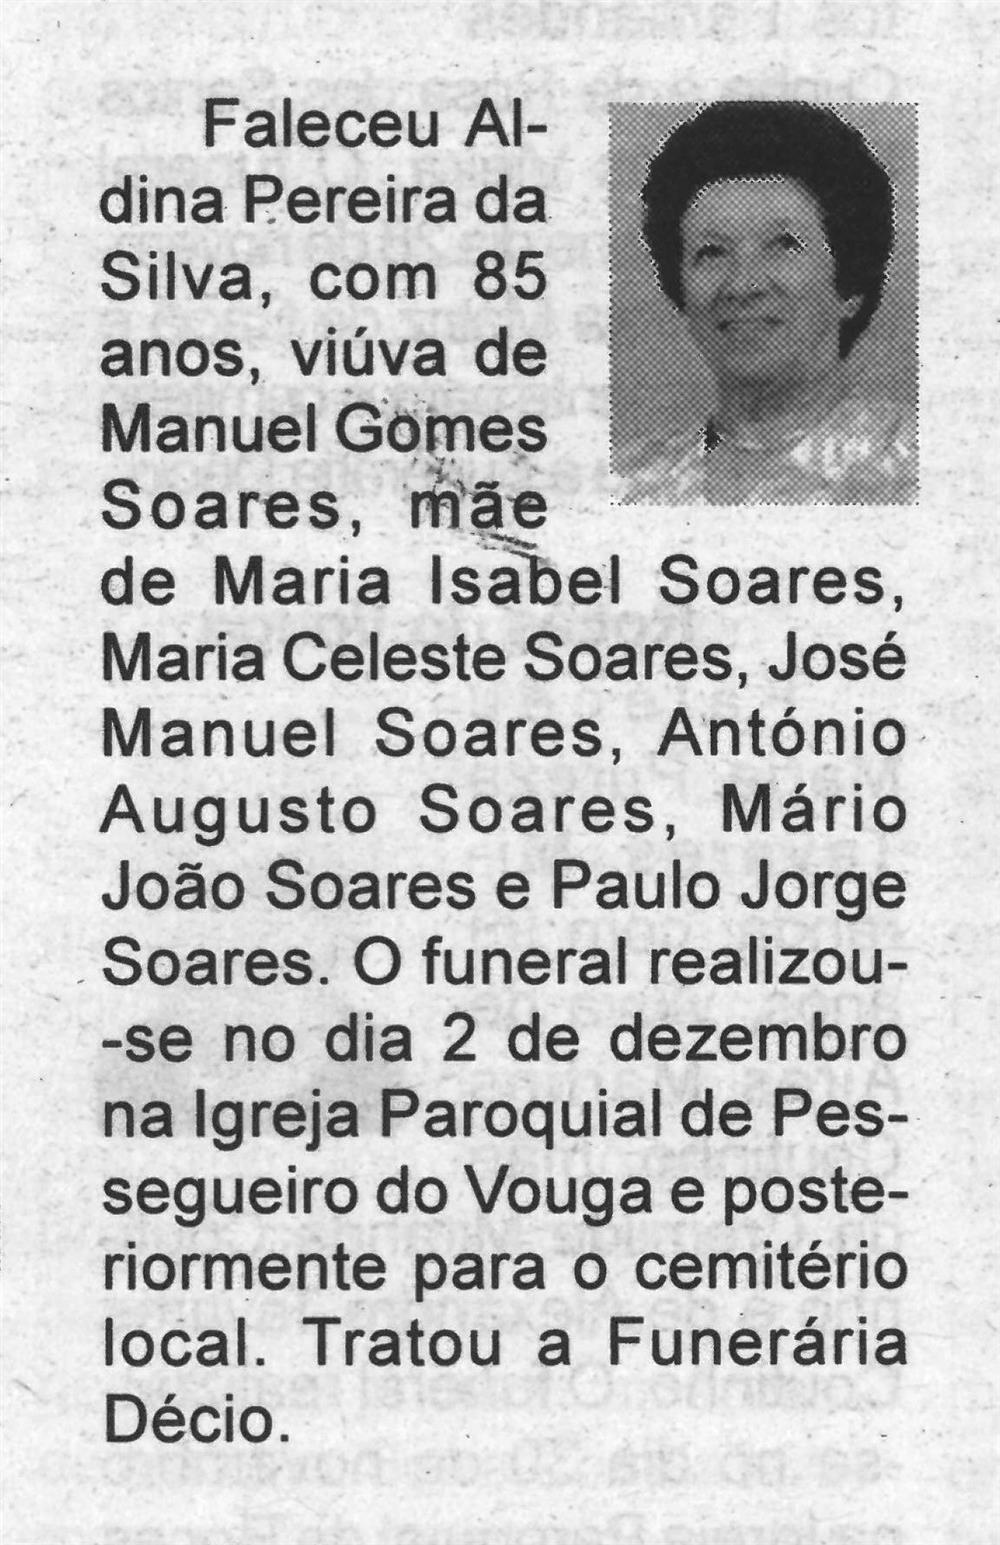 BV-2.ªdez.'20-p.13-Pessegueiro do Vouga : [Aldina Pereira da Silva].jpg